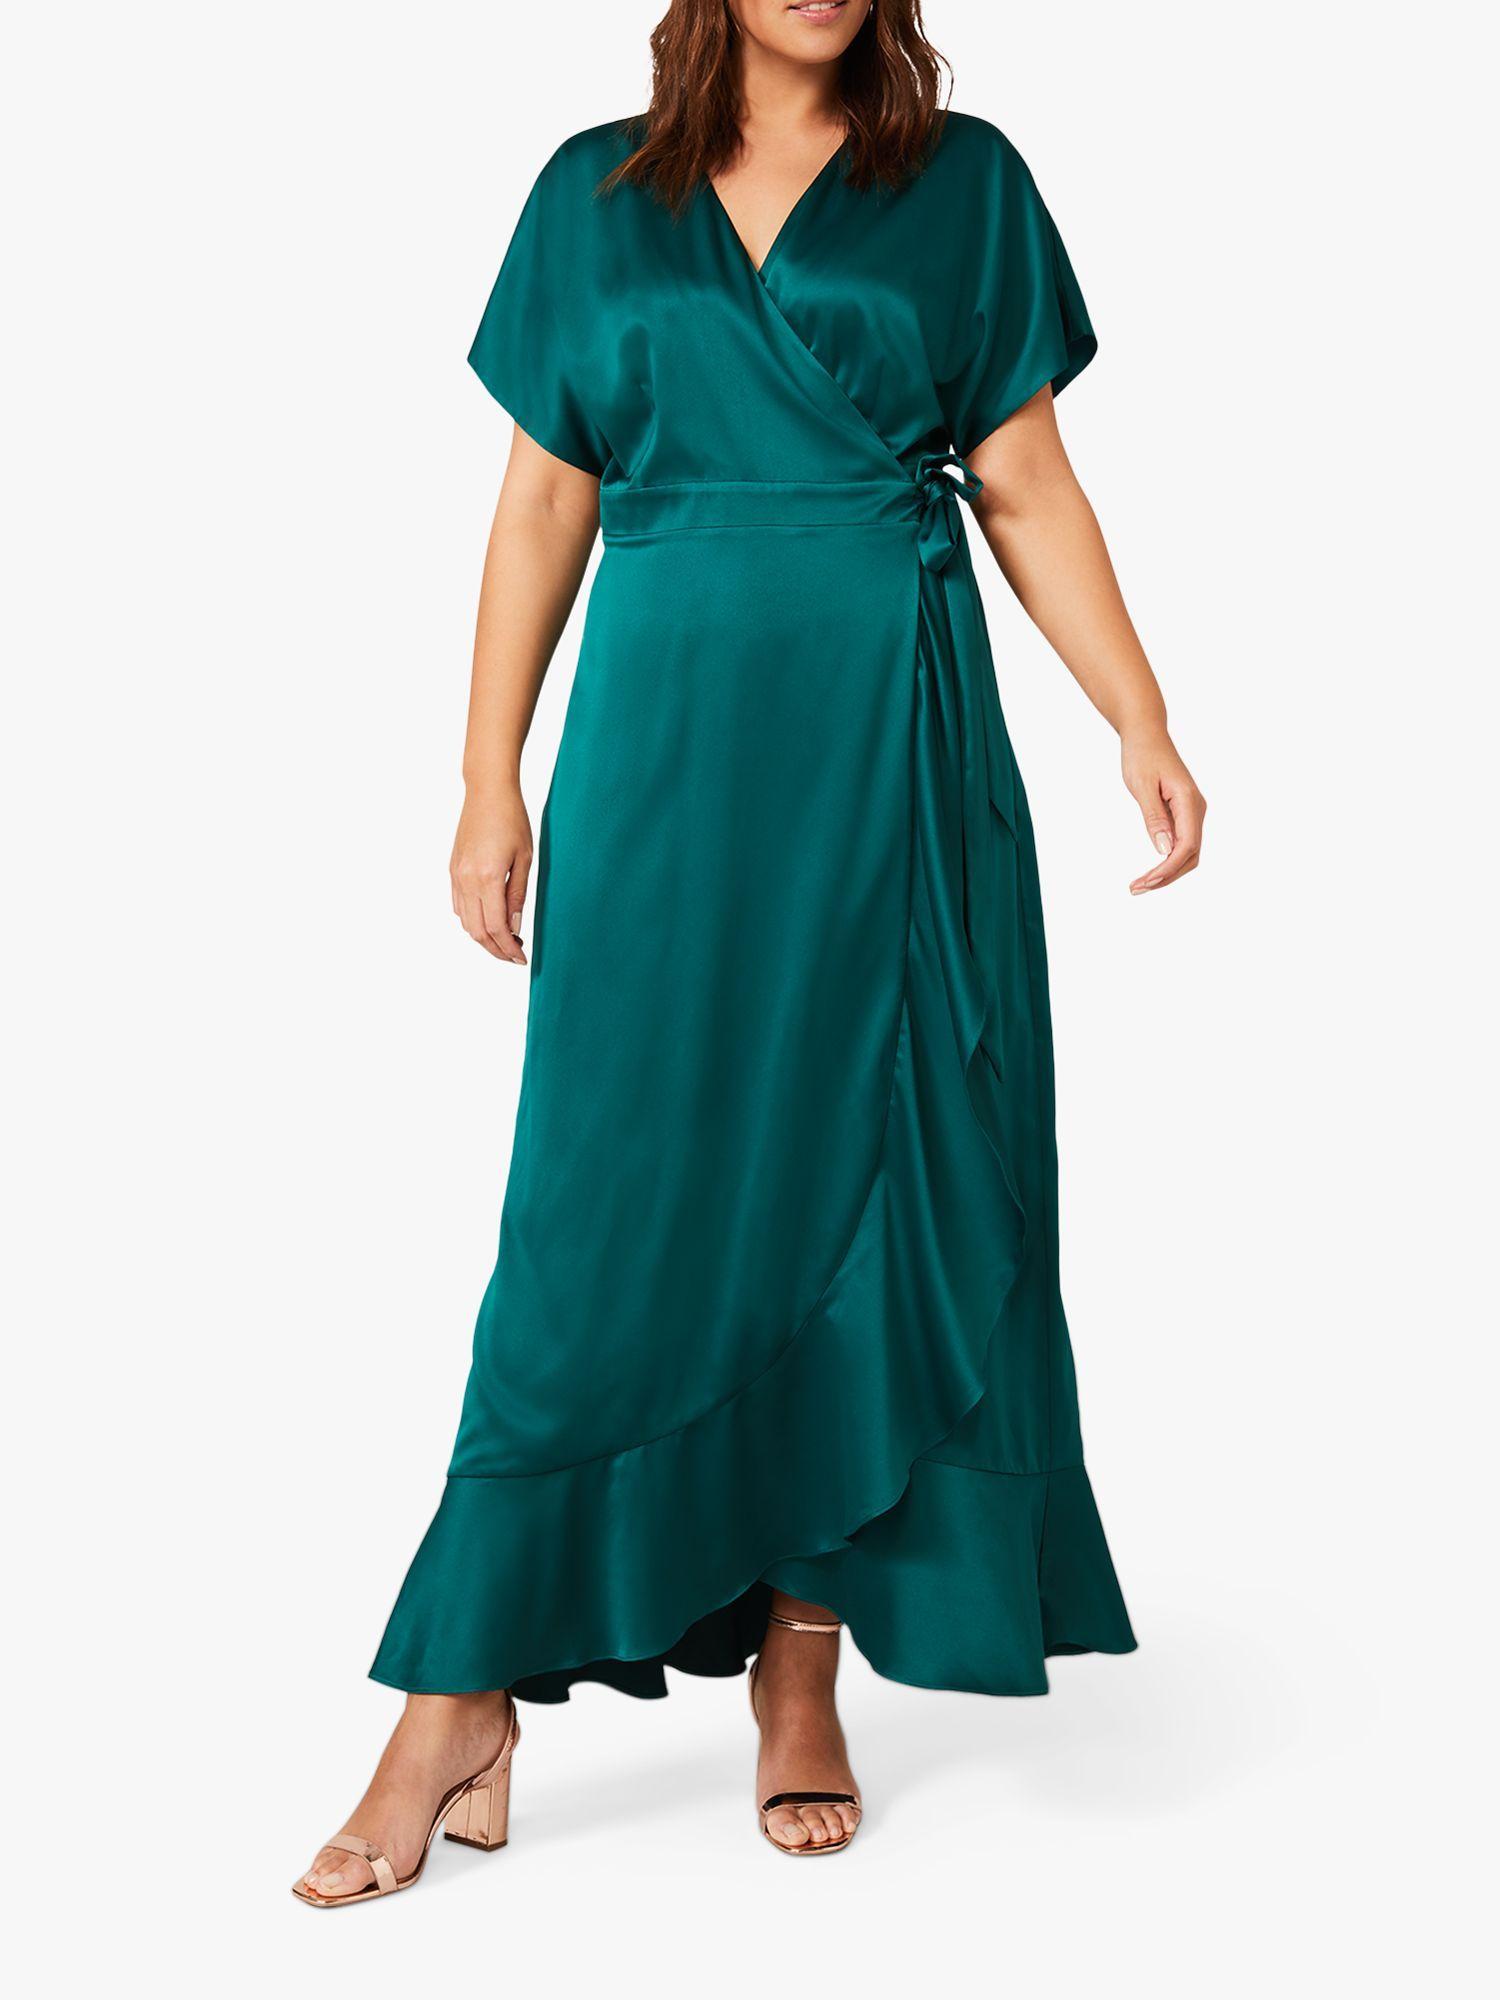 20 best plus size wedding guest dresses   2020